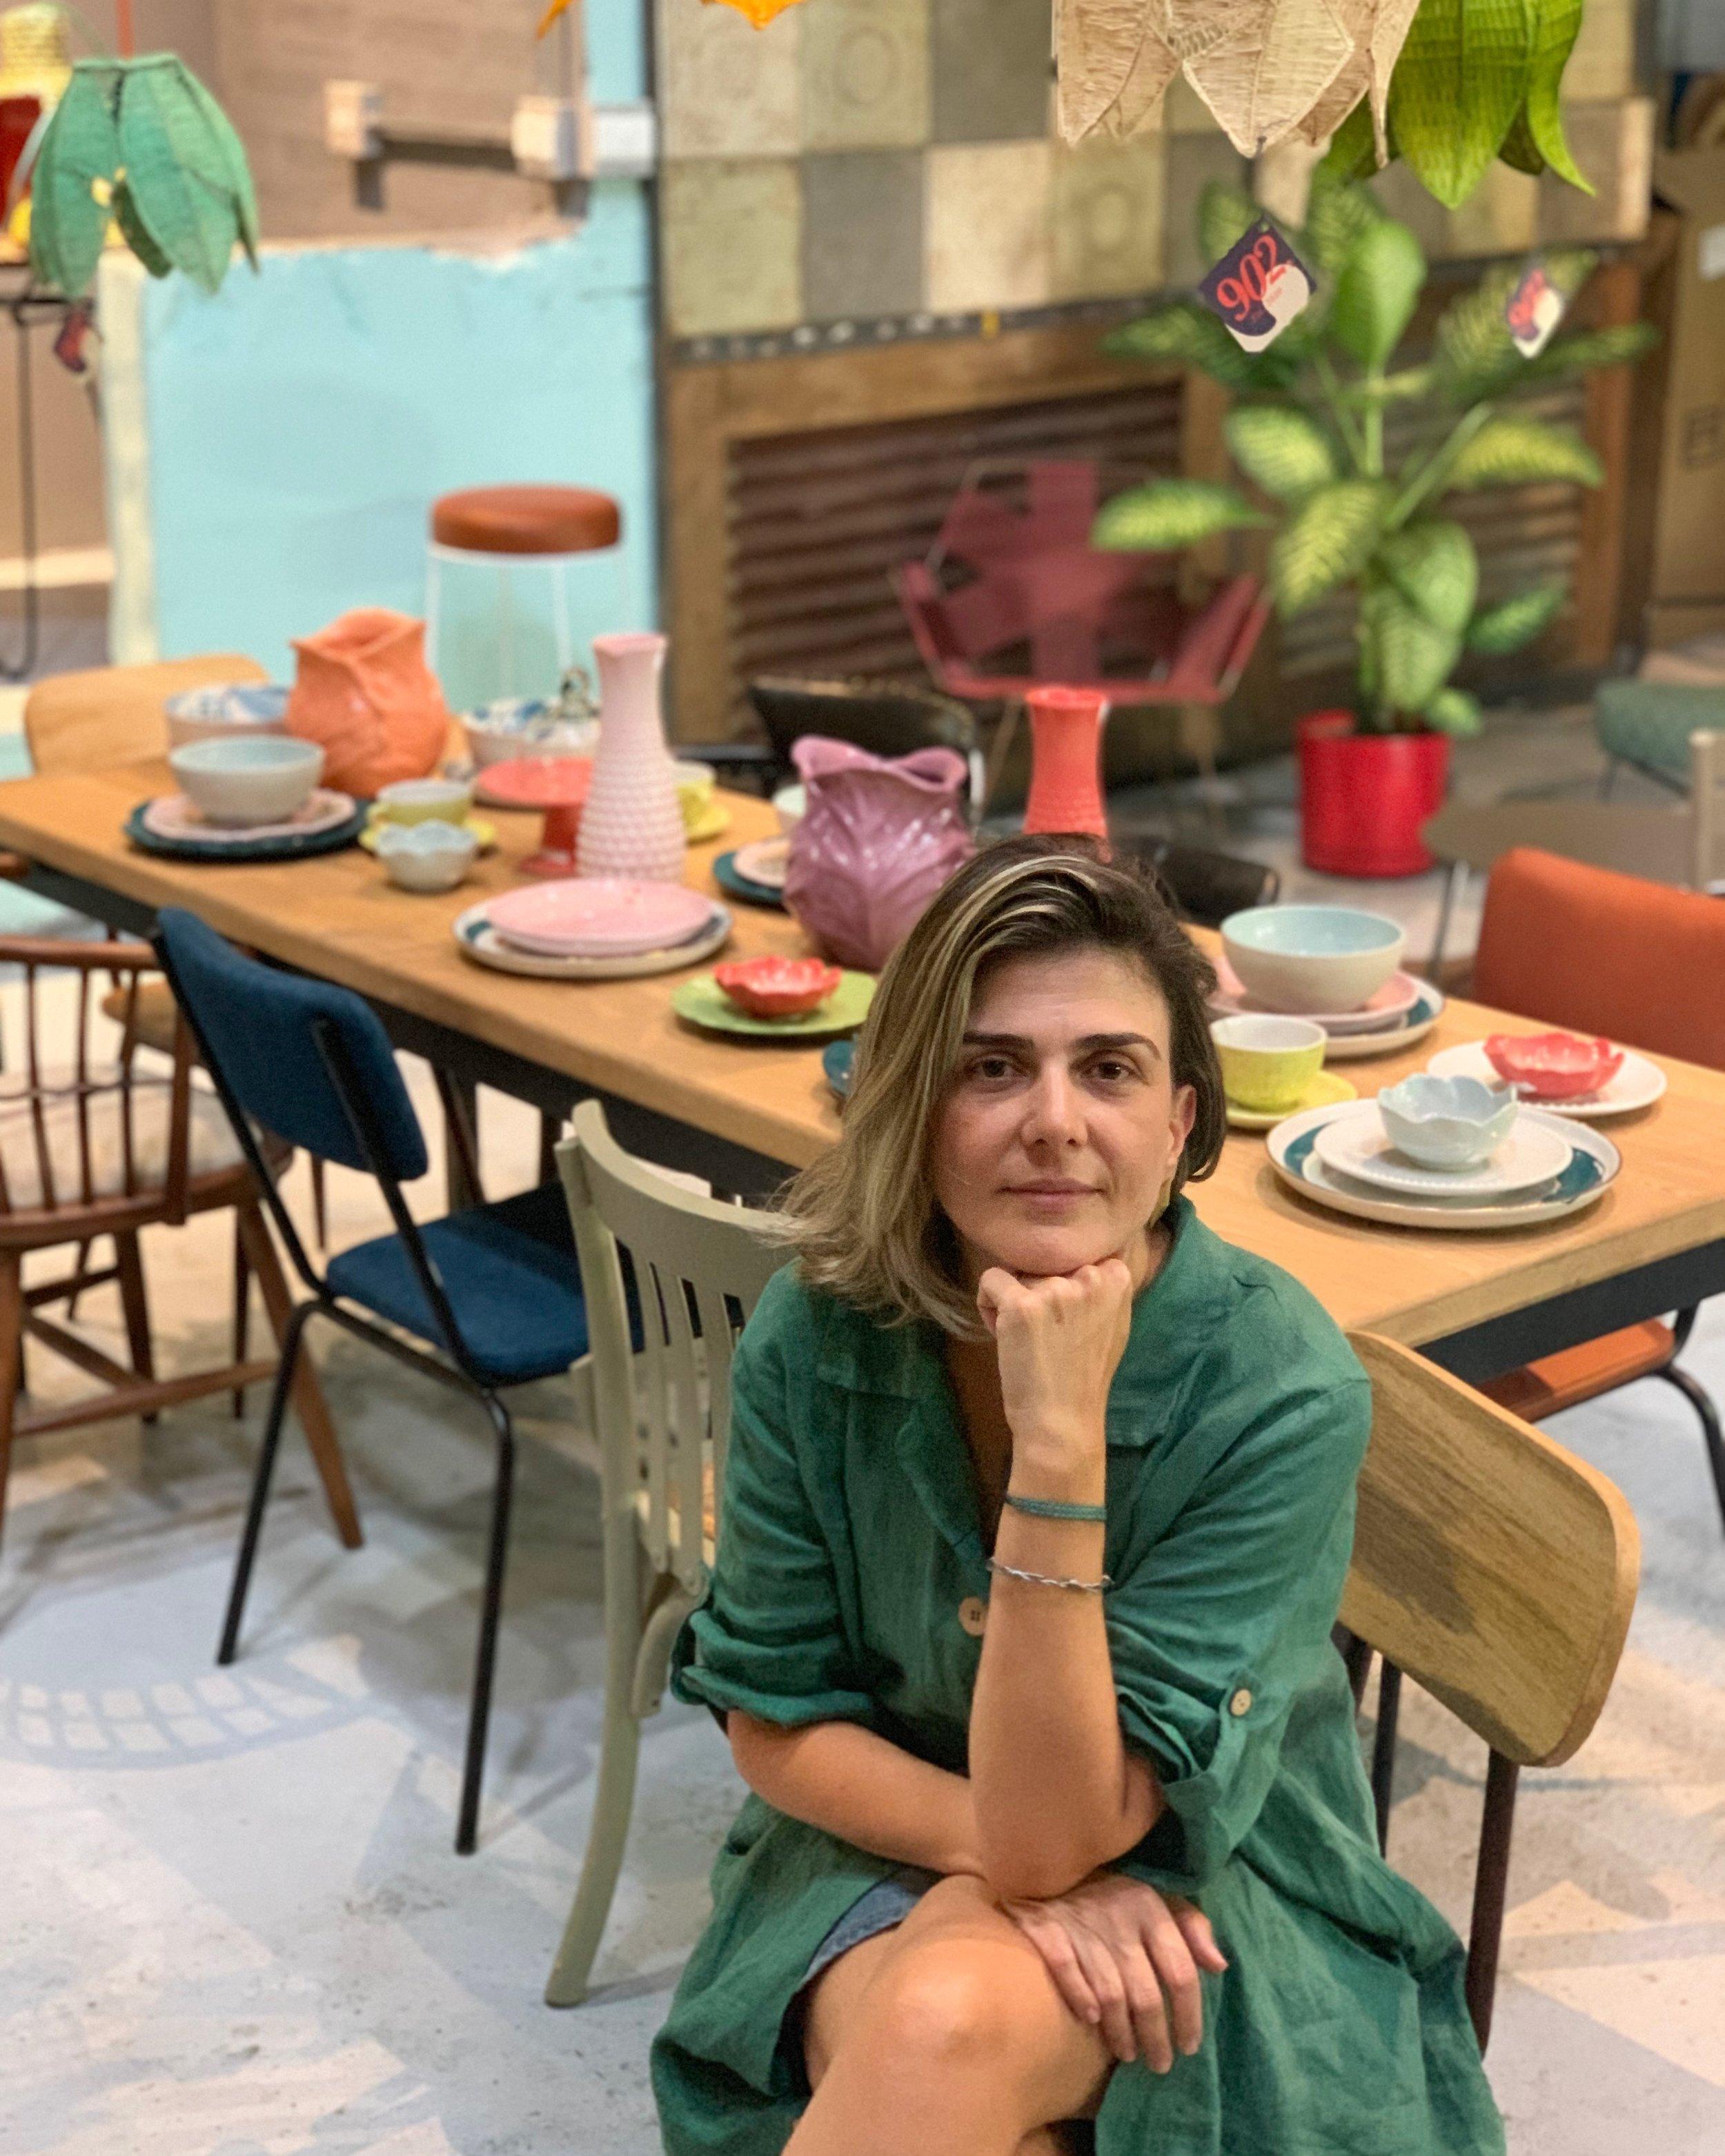 """""""Ya los formatos no necesitan de los ladrillos. Las experiencias hoy pueden ser más intangibles. Lo que importa para una marca es cómo se crean esas experiencias chiquitas"""". - - Claudia Correa, fundadora de 902 Showroom"""